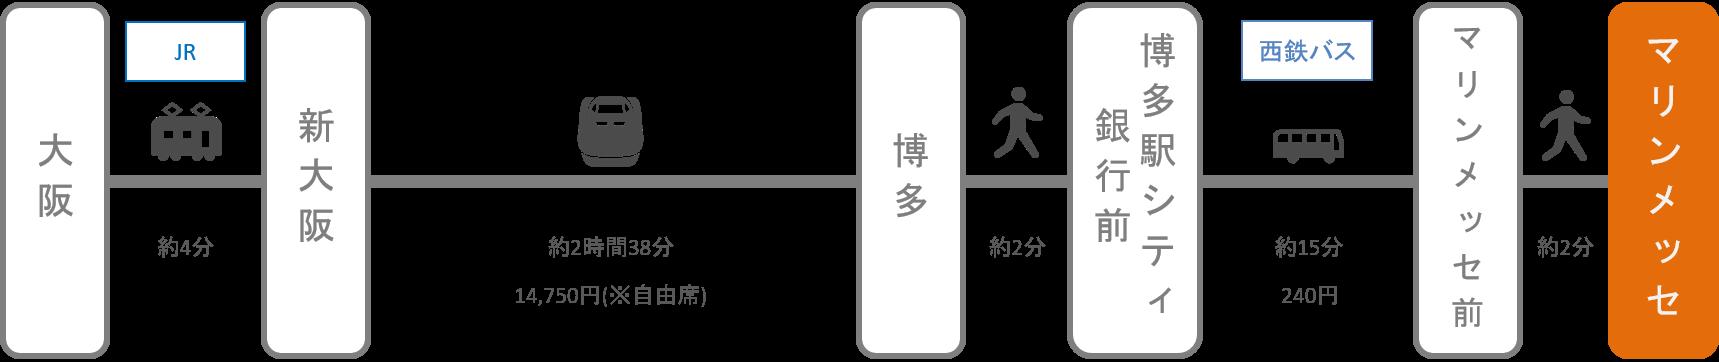 マリンメッセ福岡_大阪_新幹線